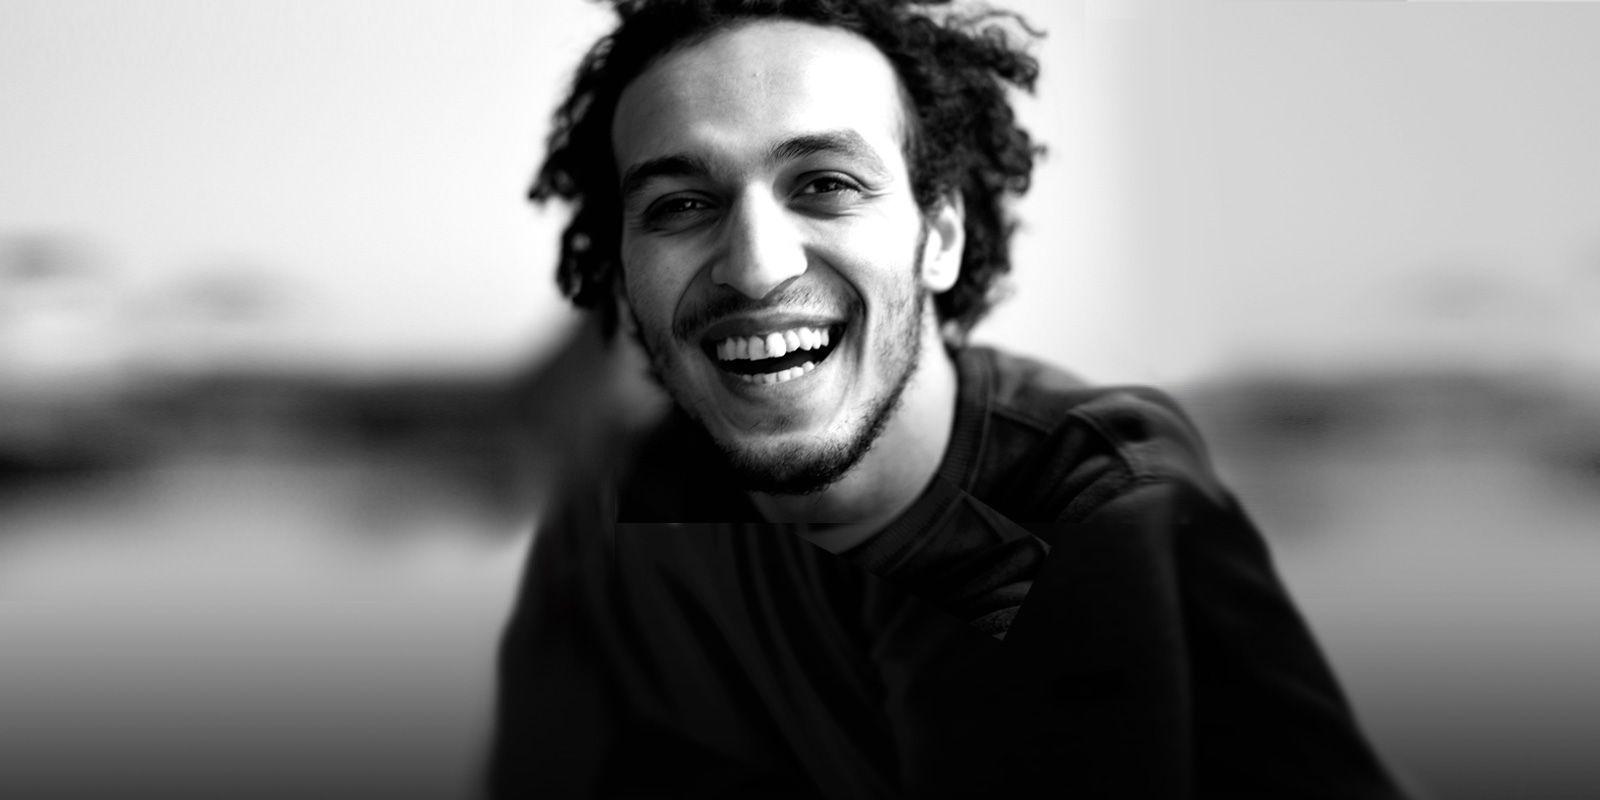 Freiheit für Shawkan - Reporter ohne Grenzen für Informationsfreiheit